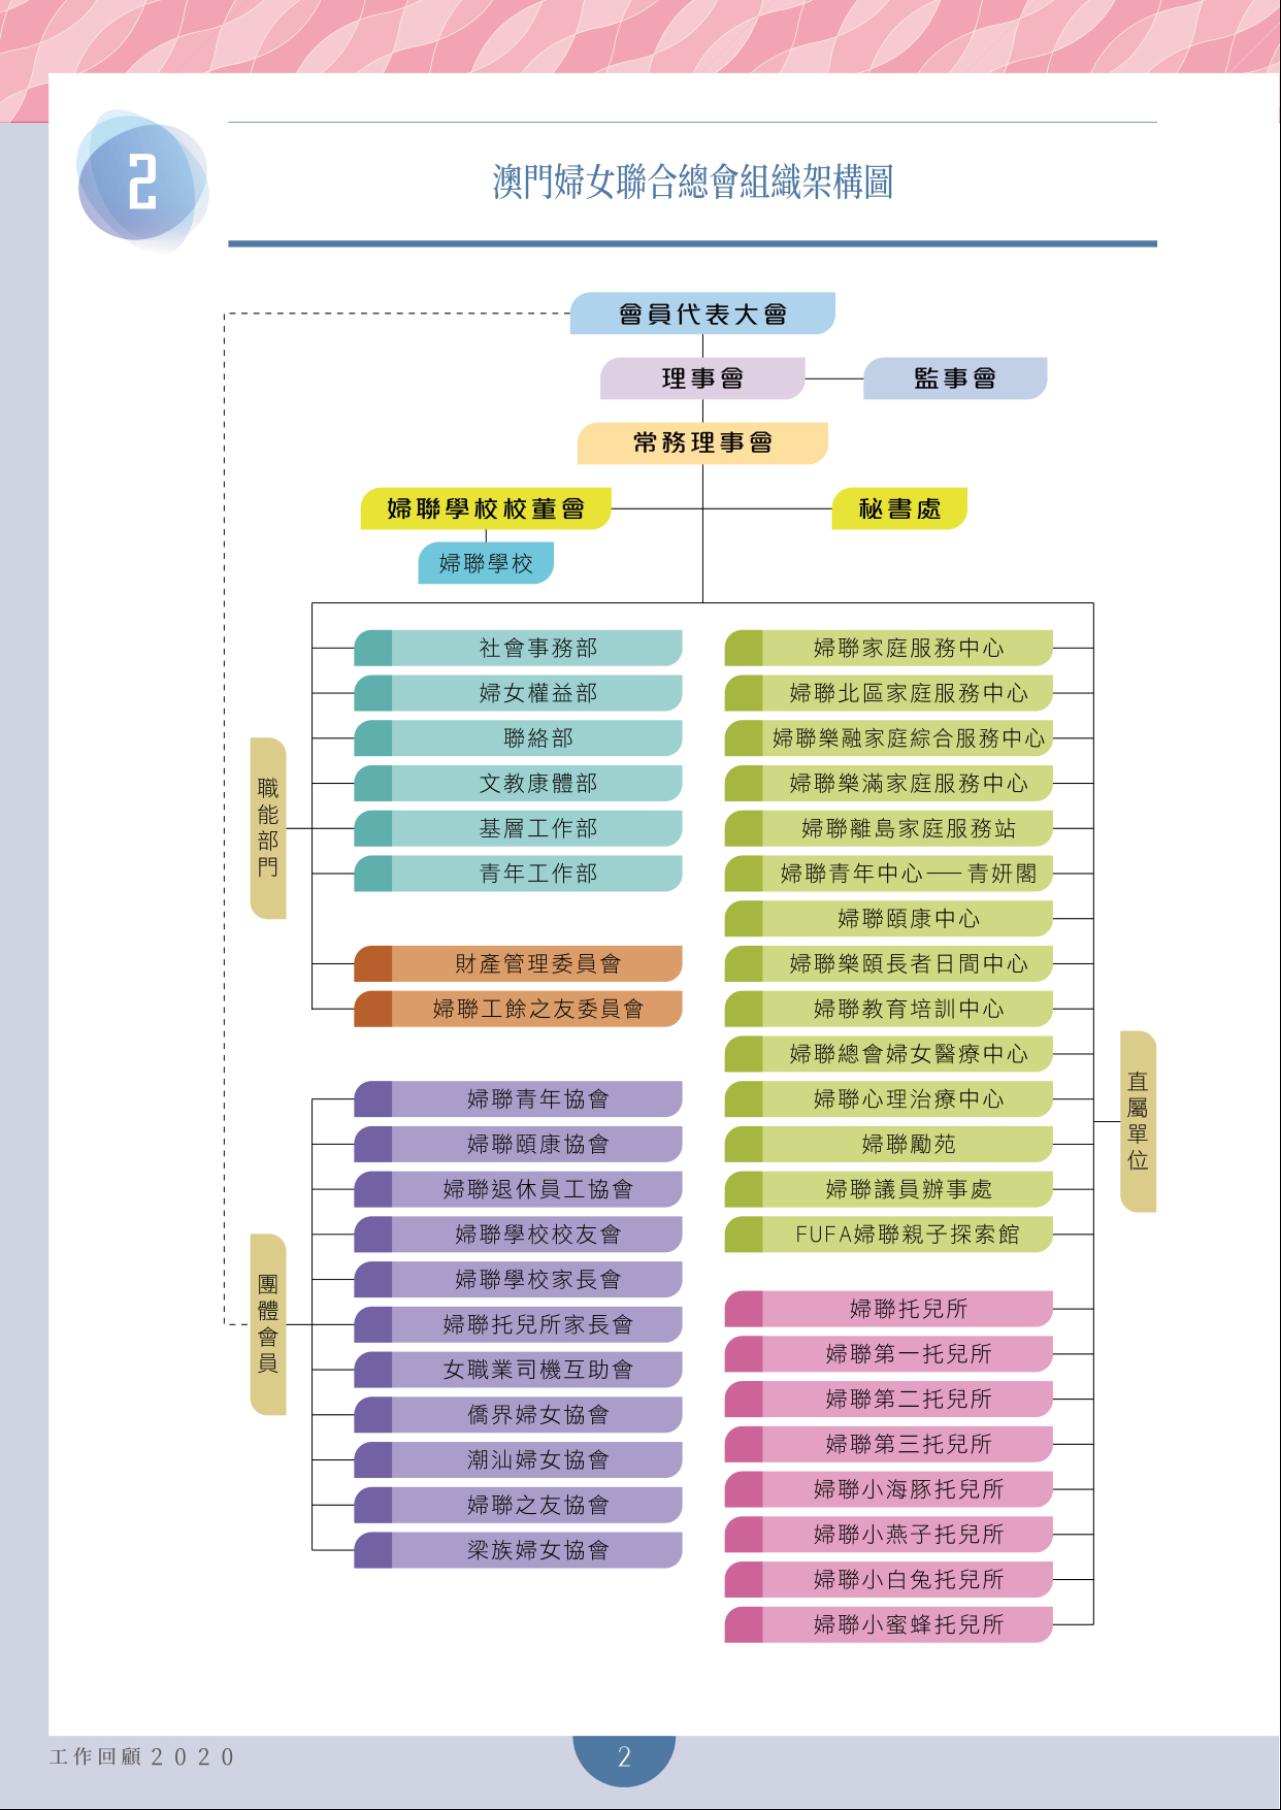 婦聯組織架構圖